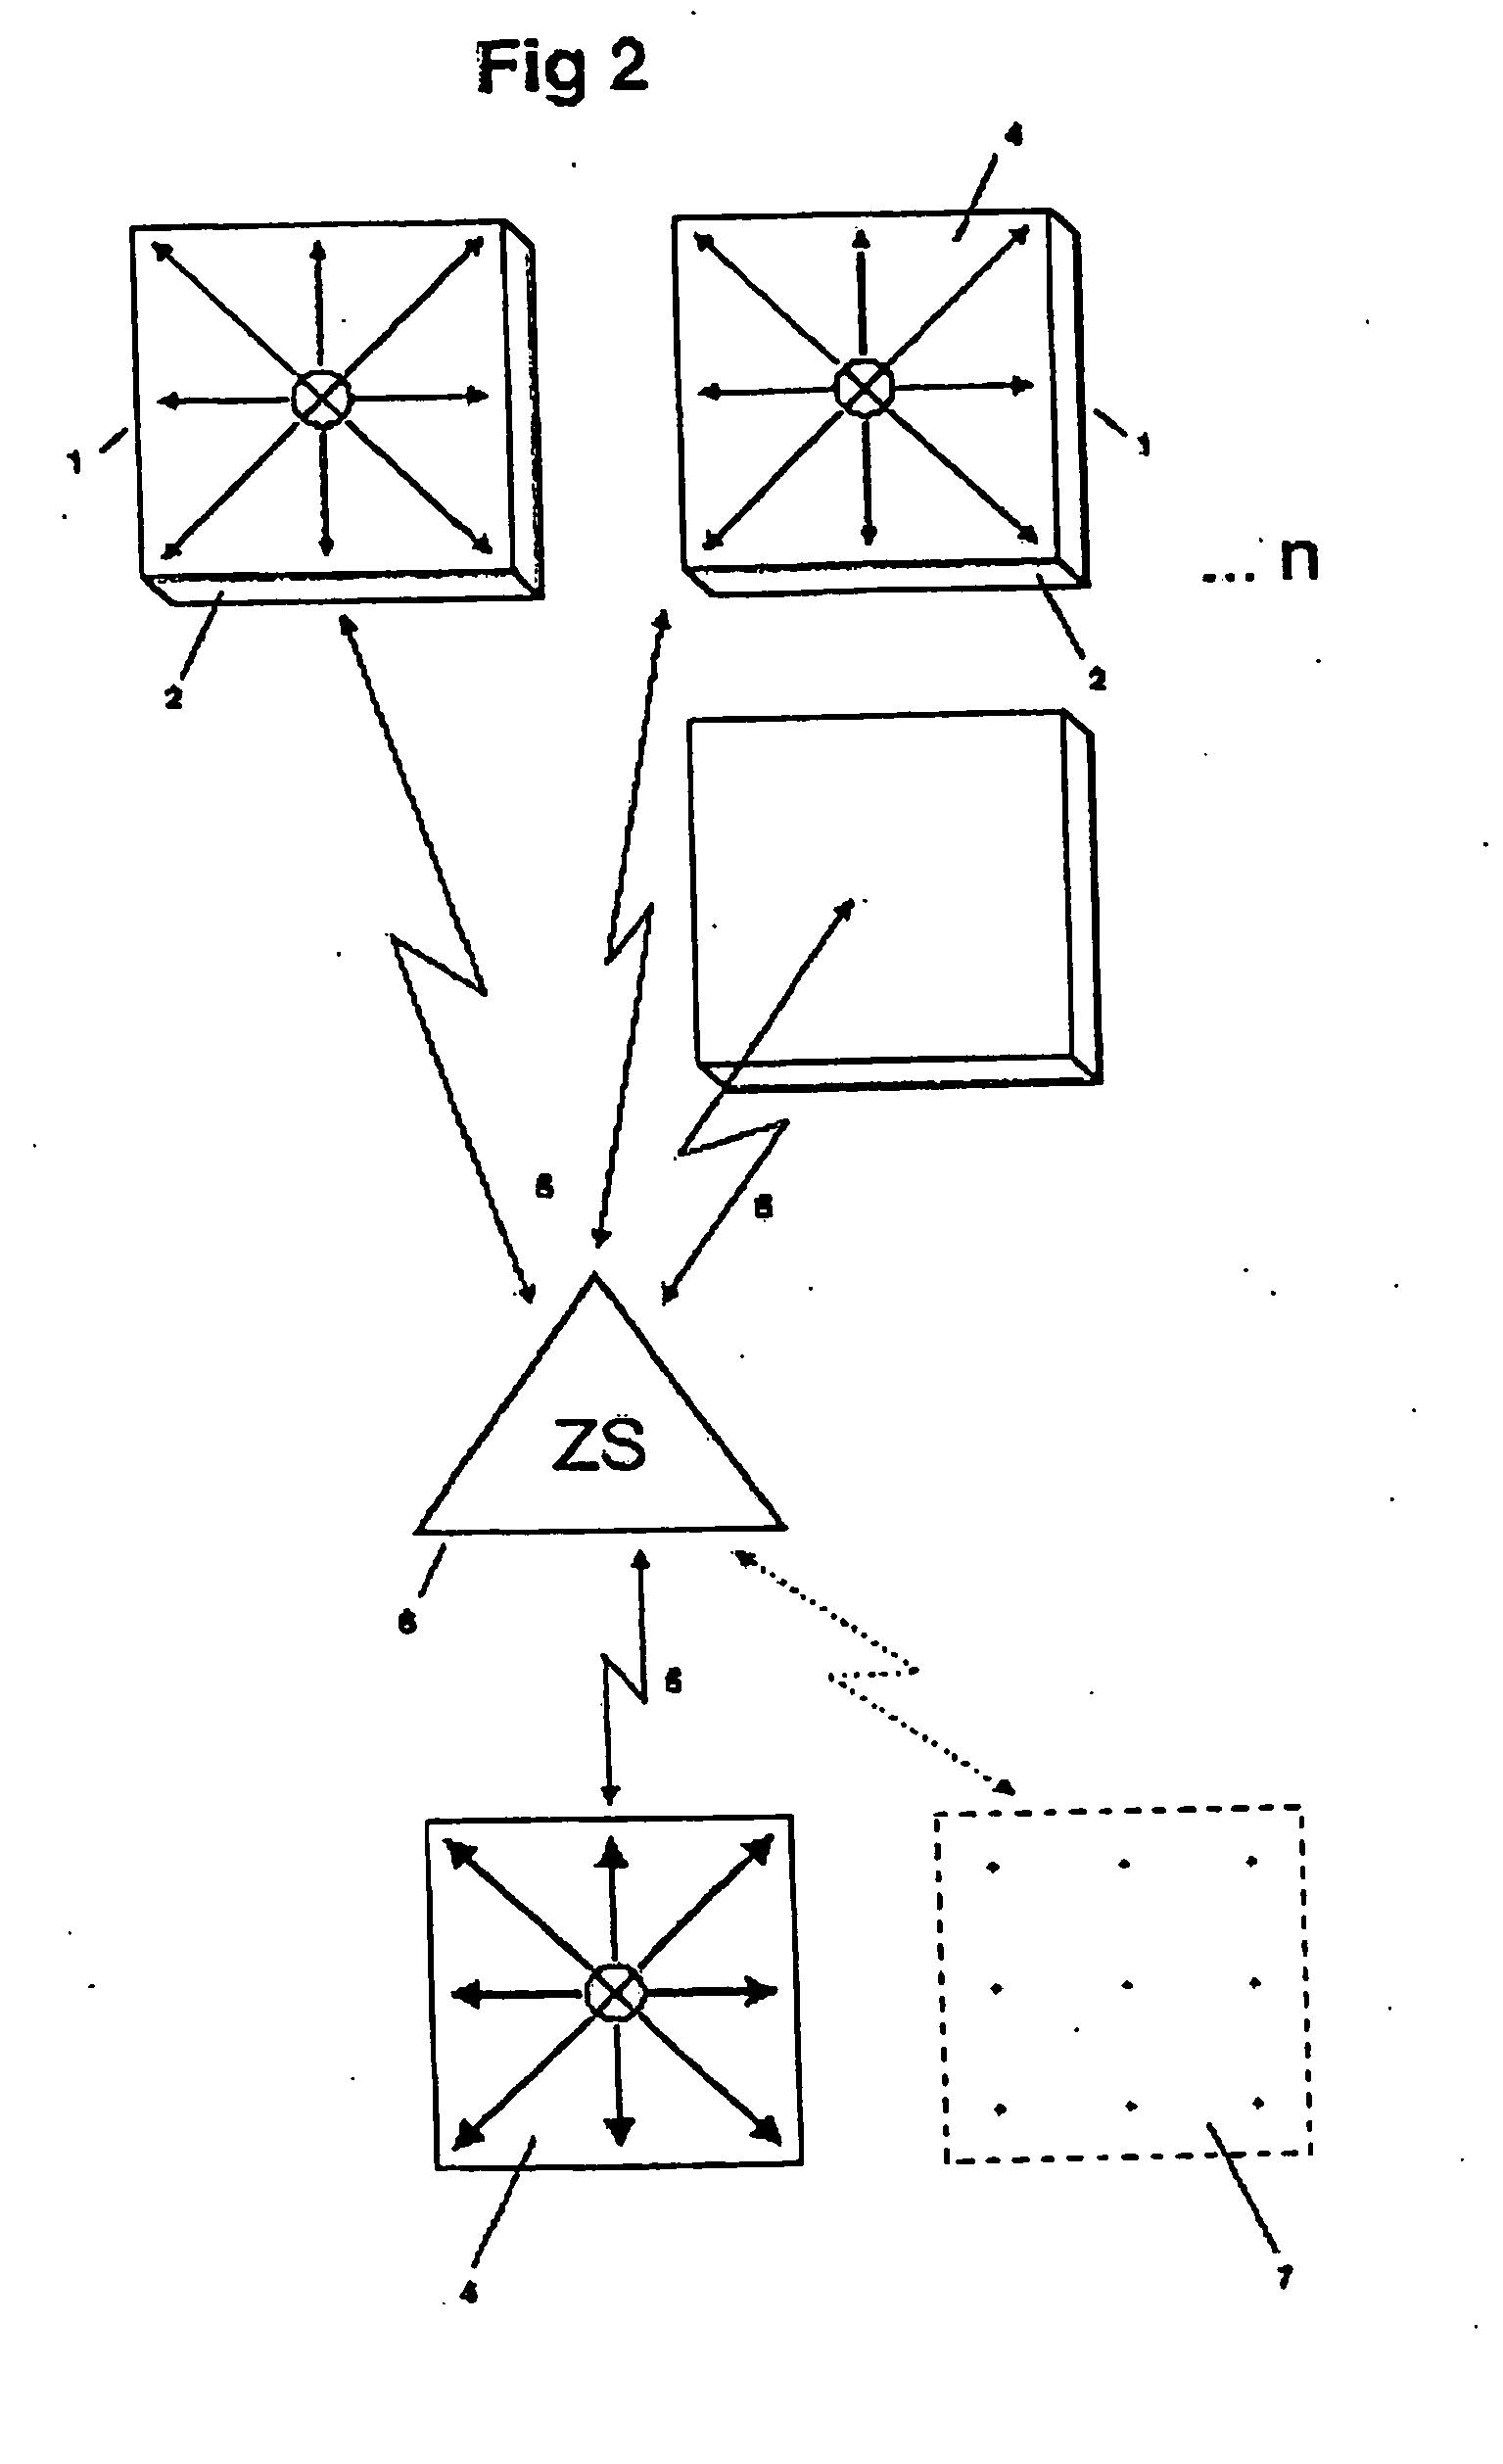 Ausgezeichnet Schaltschema Für 3 Wege Schalter Zeitgenössisch ...